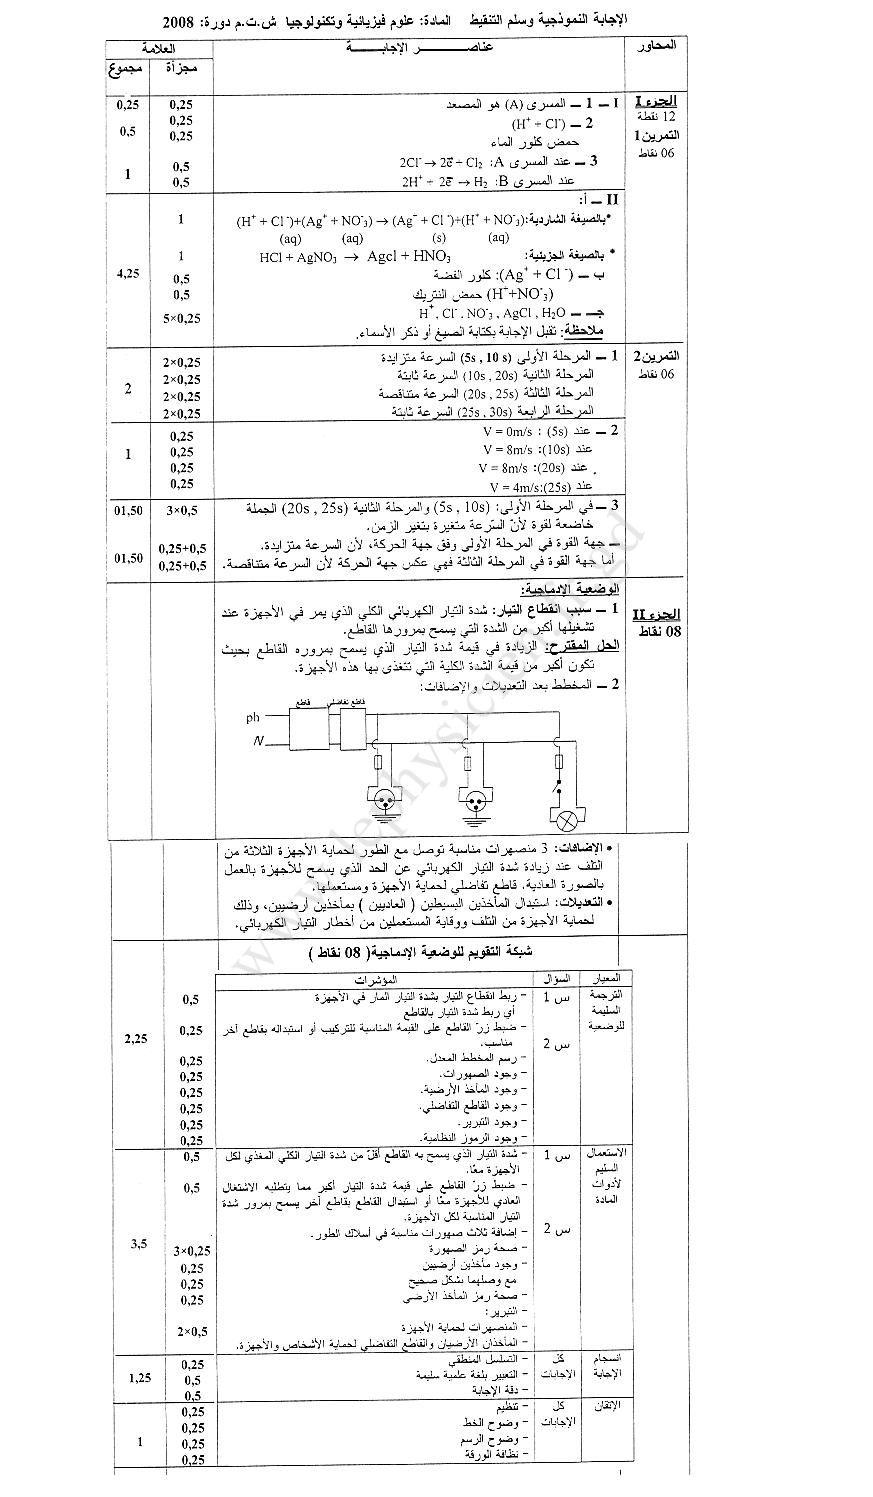 مواضيع الشهادة 2008 مقترحة للقراءة وحلولها مباشرة للقراءة و المراجعة مقتبسة من احسن المواقع هدية للطلبة   2008c